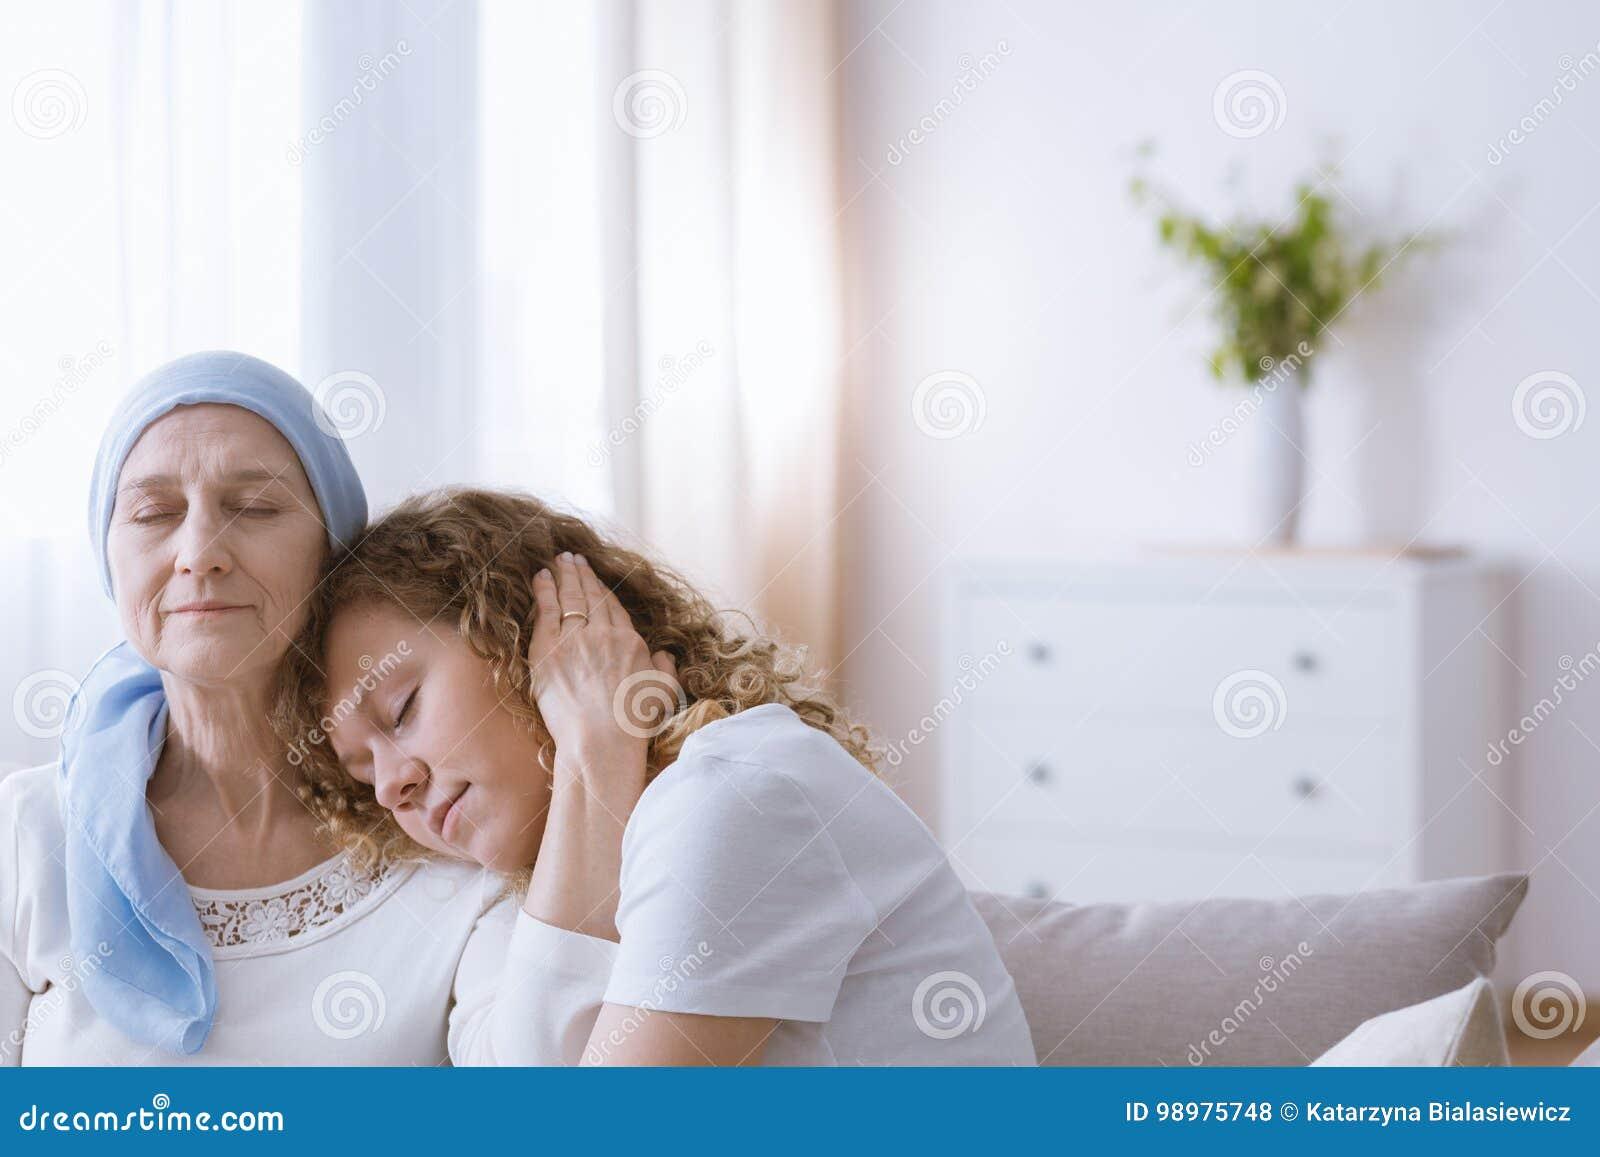 Dating en cancer flicka äktenskap inte dating EP 16 eng sub myasiantv